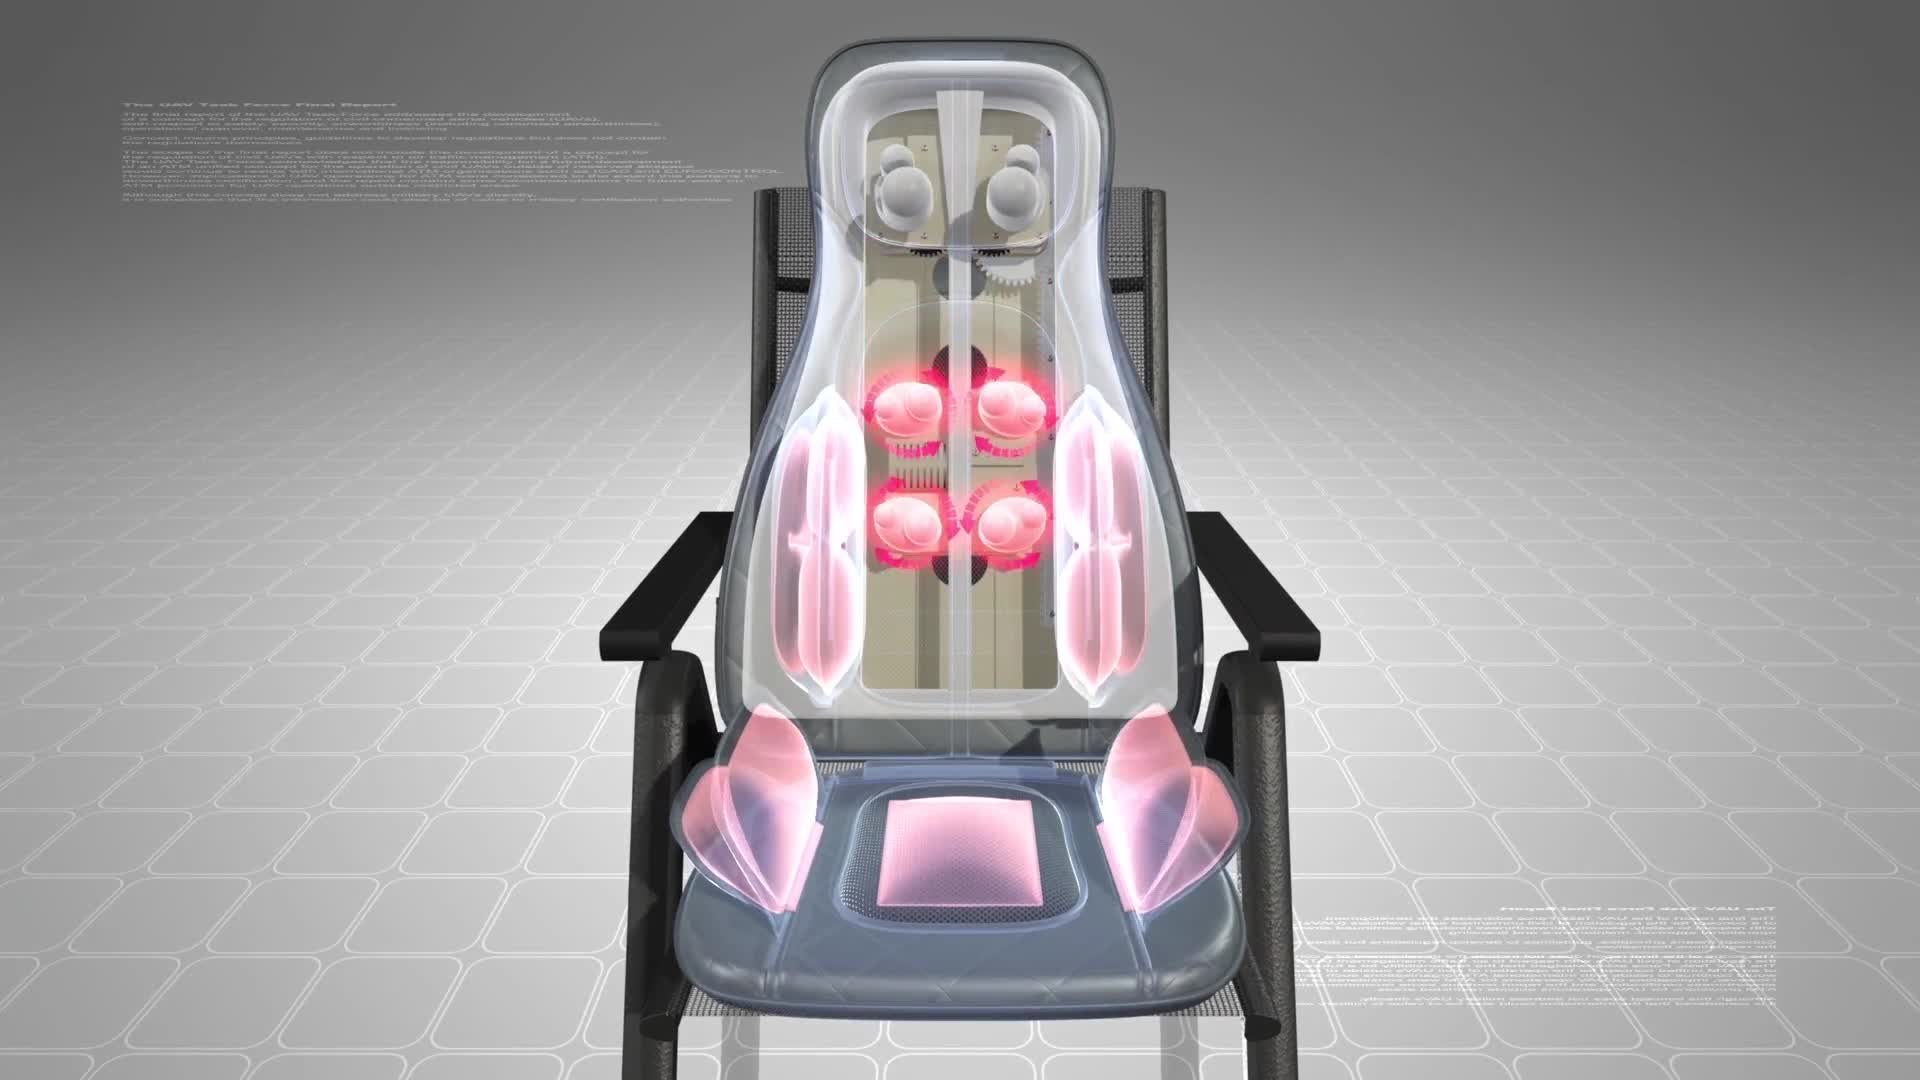 Camion e Auto Driver di compressione dell'aria di vibrazione posteriore glutei sedia cuscino del sedile di massaggio con il calore